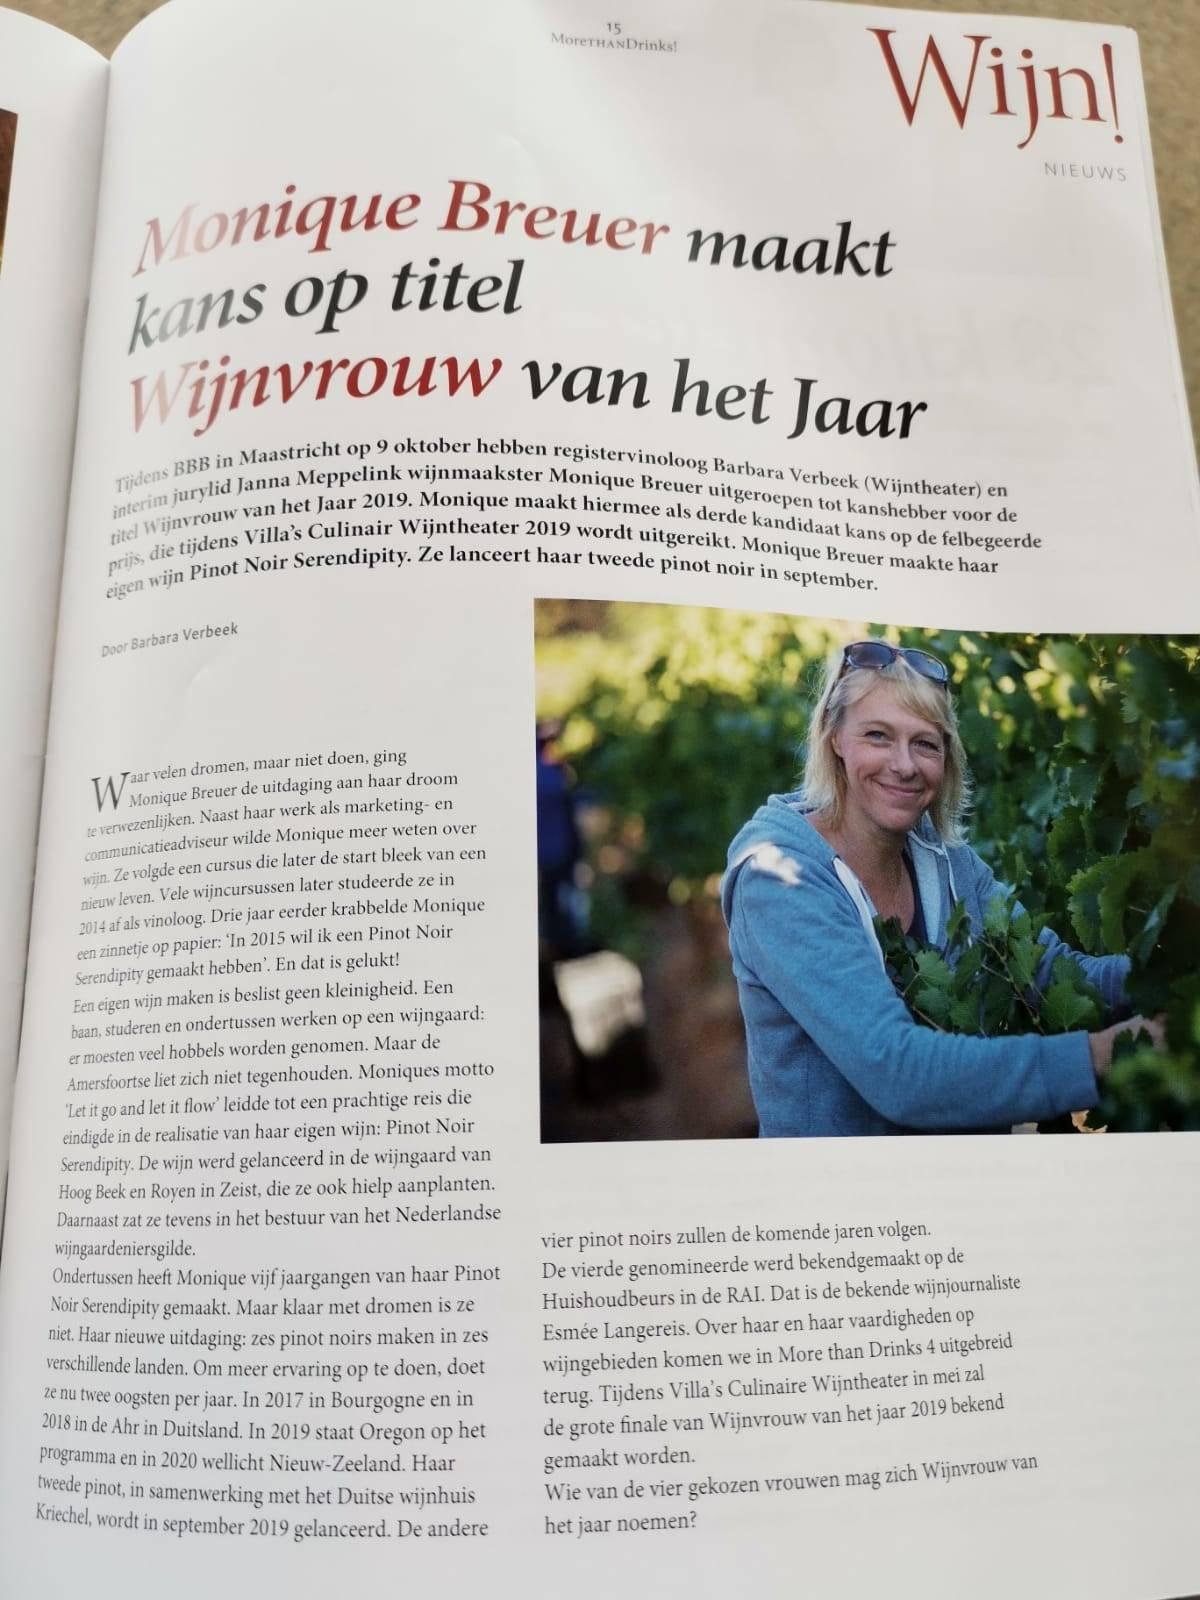 Serendipity Pinot Noir en wijnmaakster Monique Breuer - Wijnvrouw van het jaar 2019